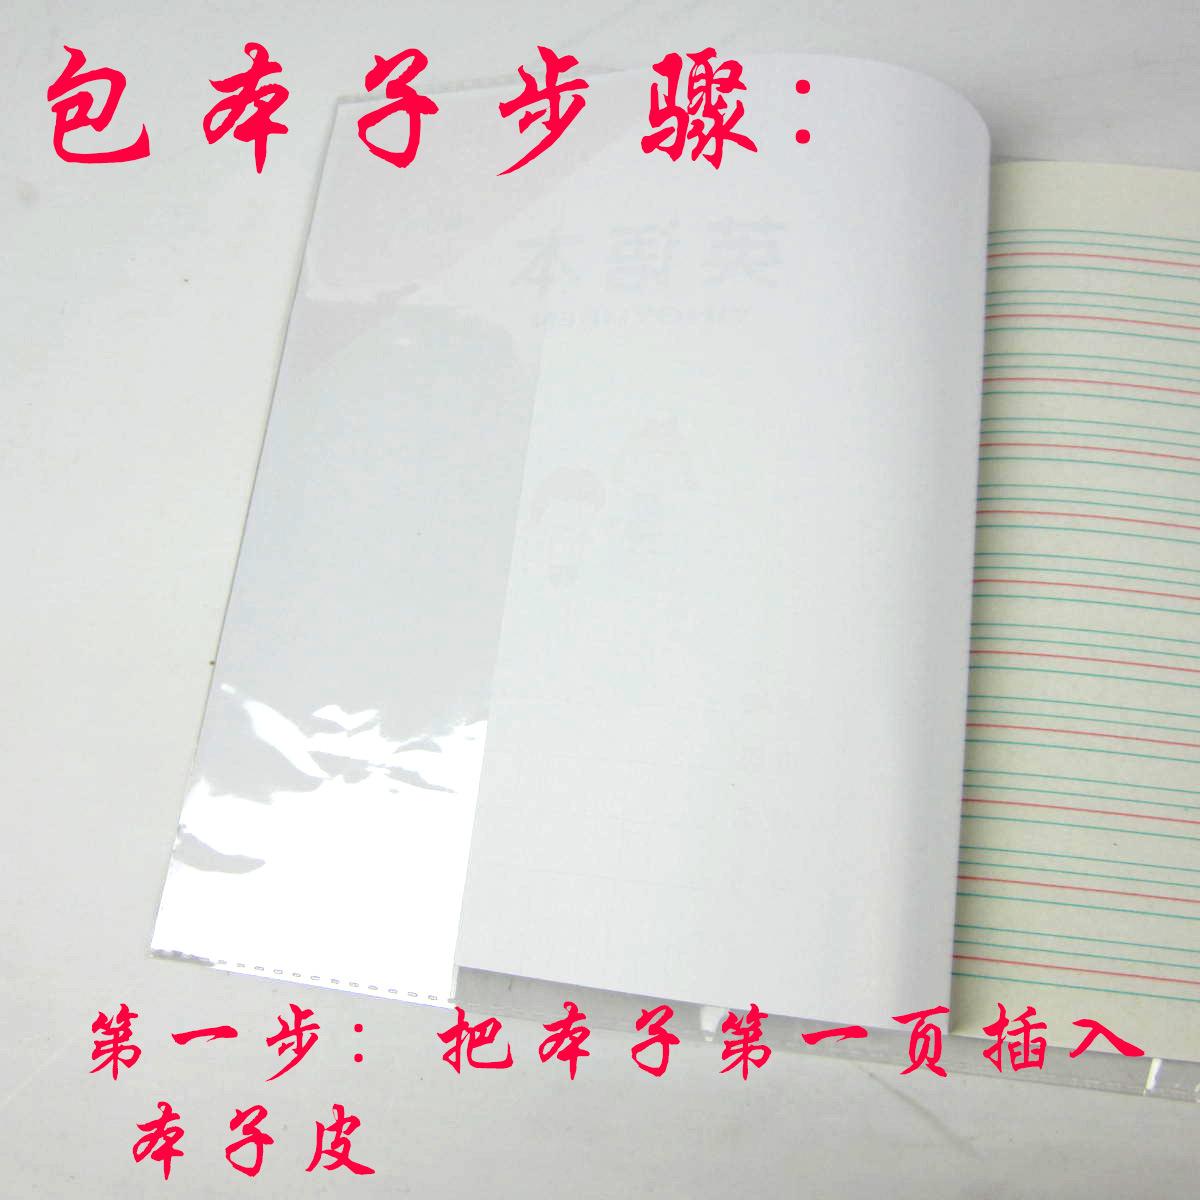 苏教版小学透明本子皮 书皮 ( 18*13cm )一二年级作业本书皮 薄型